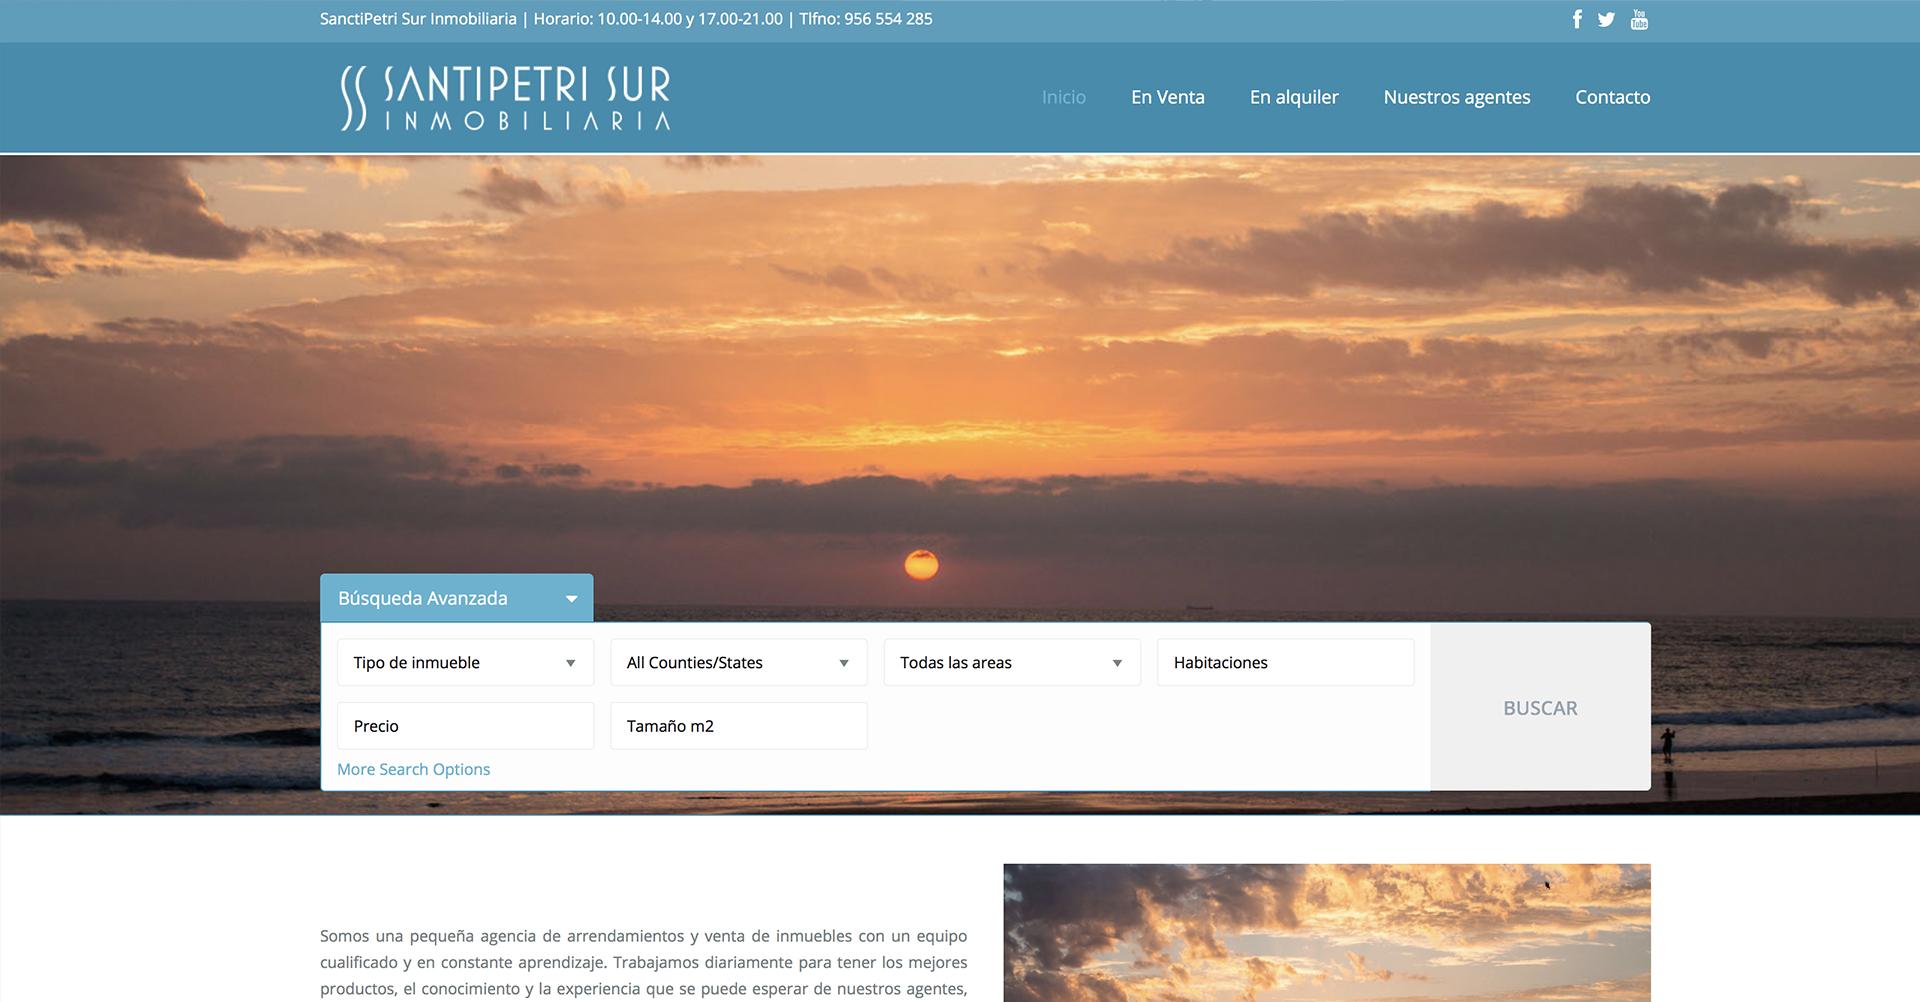 SanctipetriSur Inmobiliaria - Web